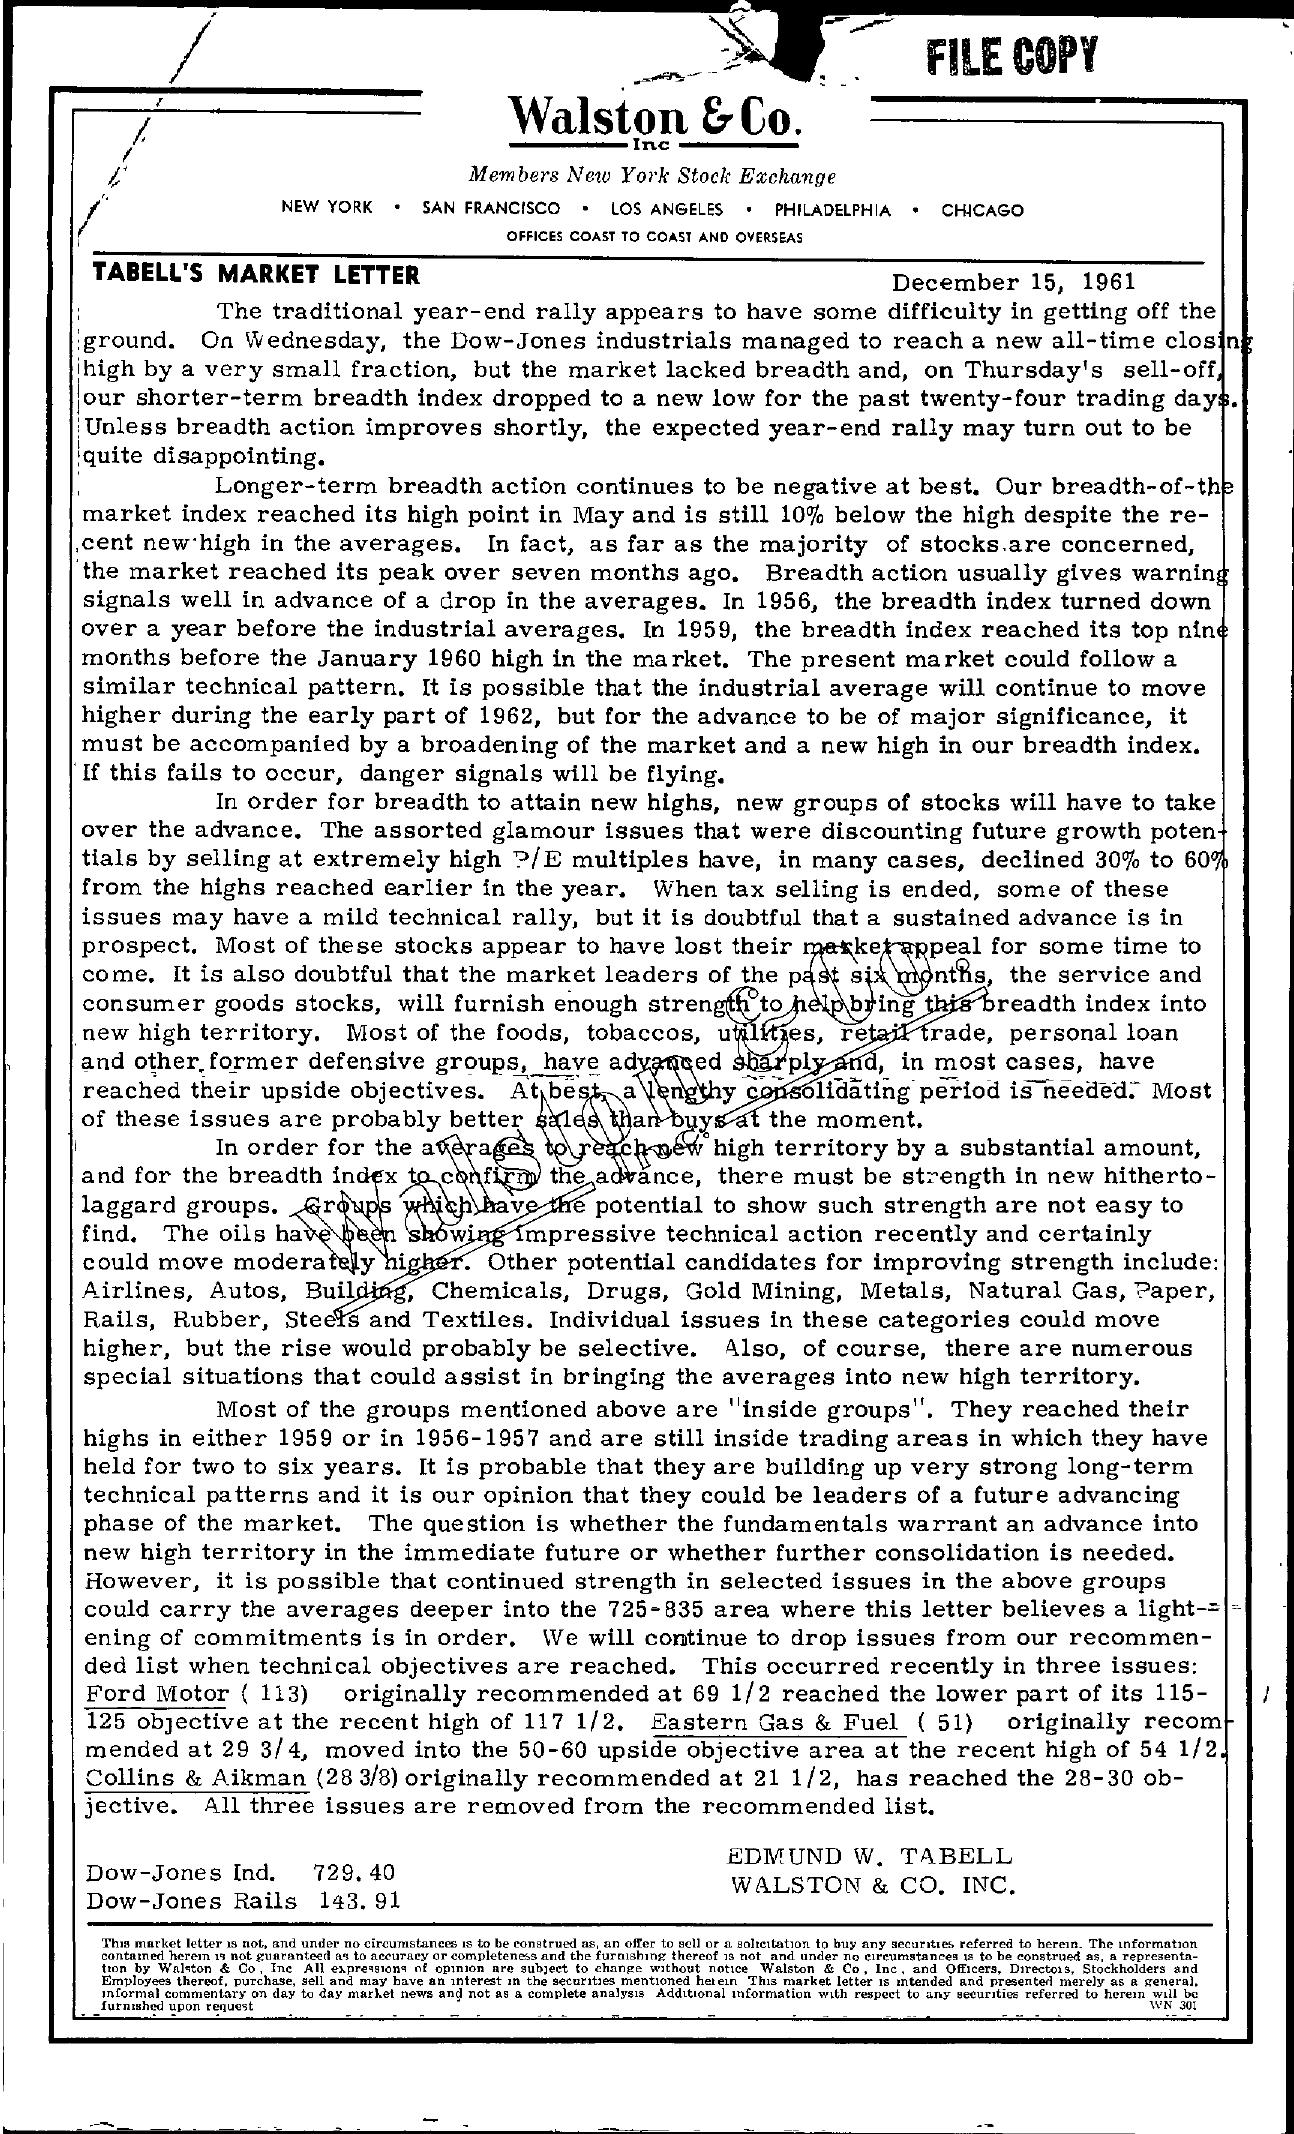 Tabell's Market Letter - December 15, 1961